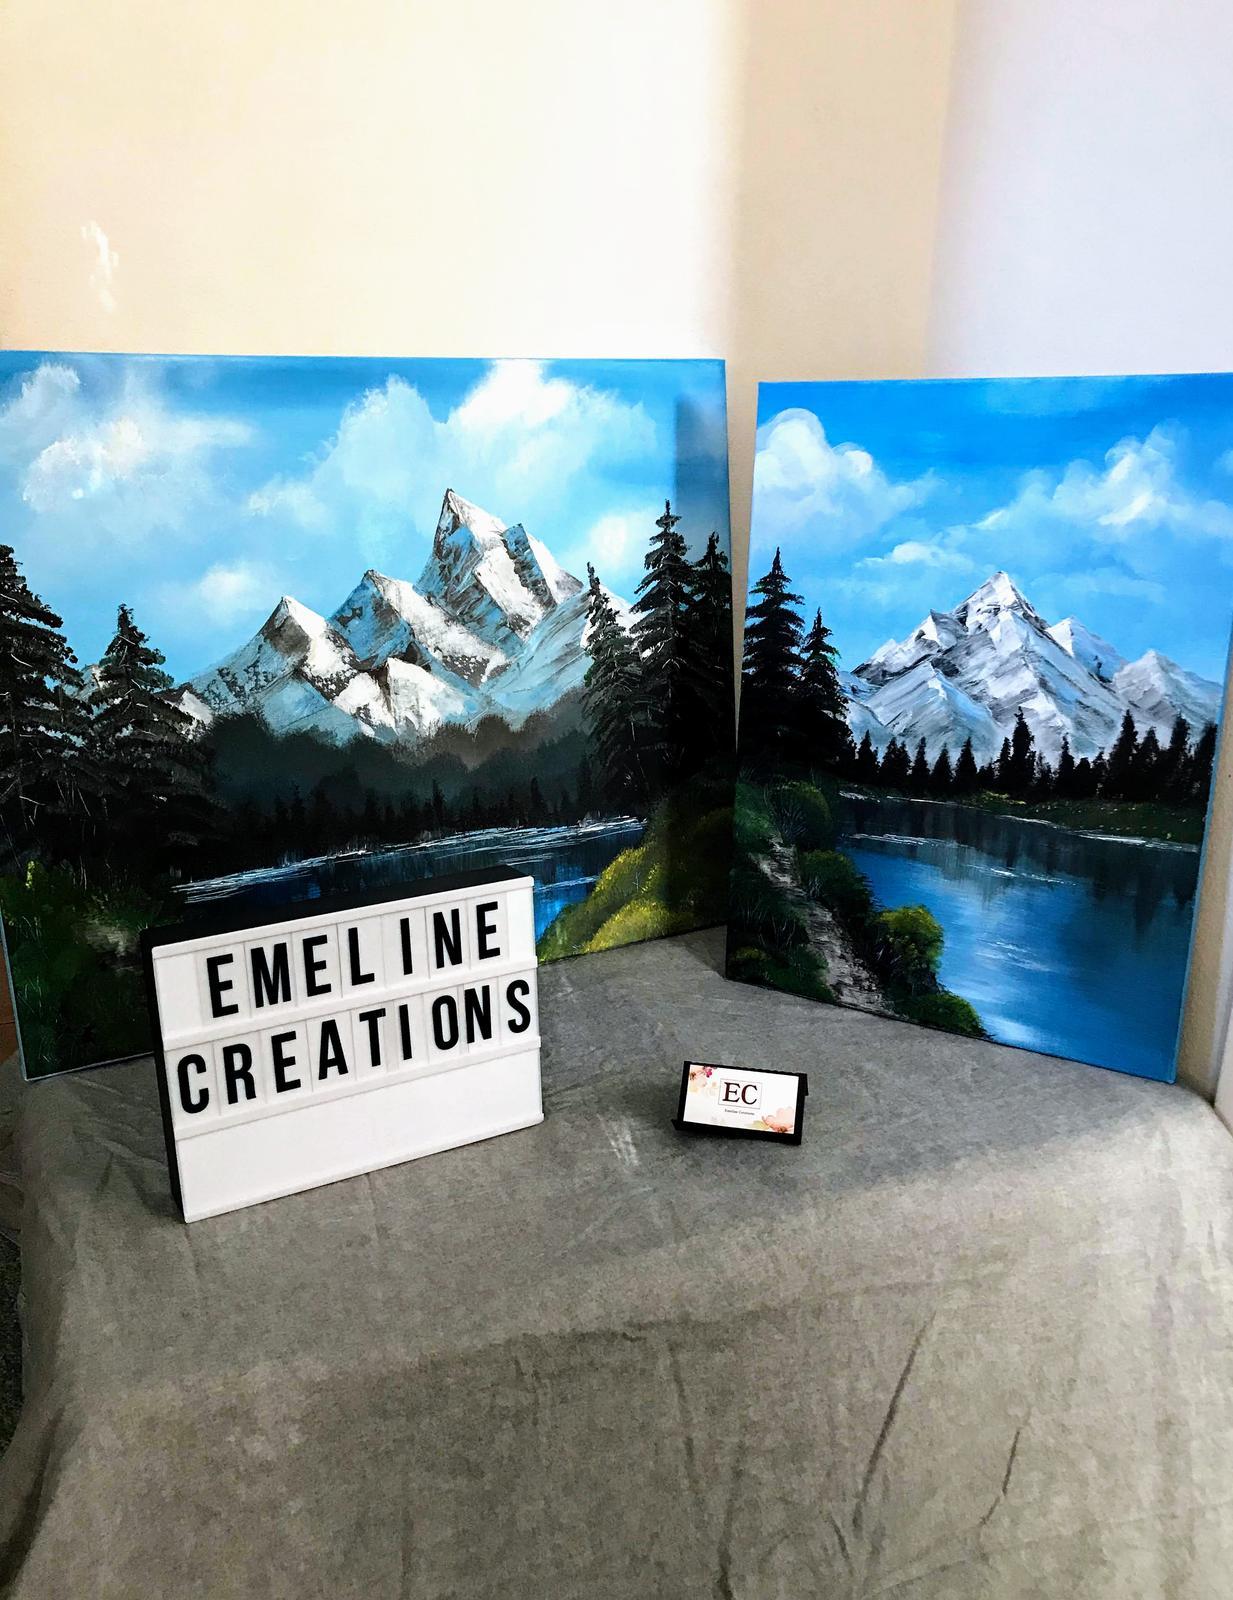 Emeline Creations